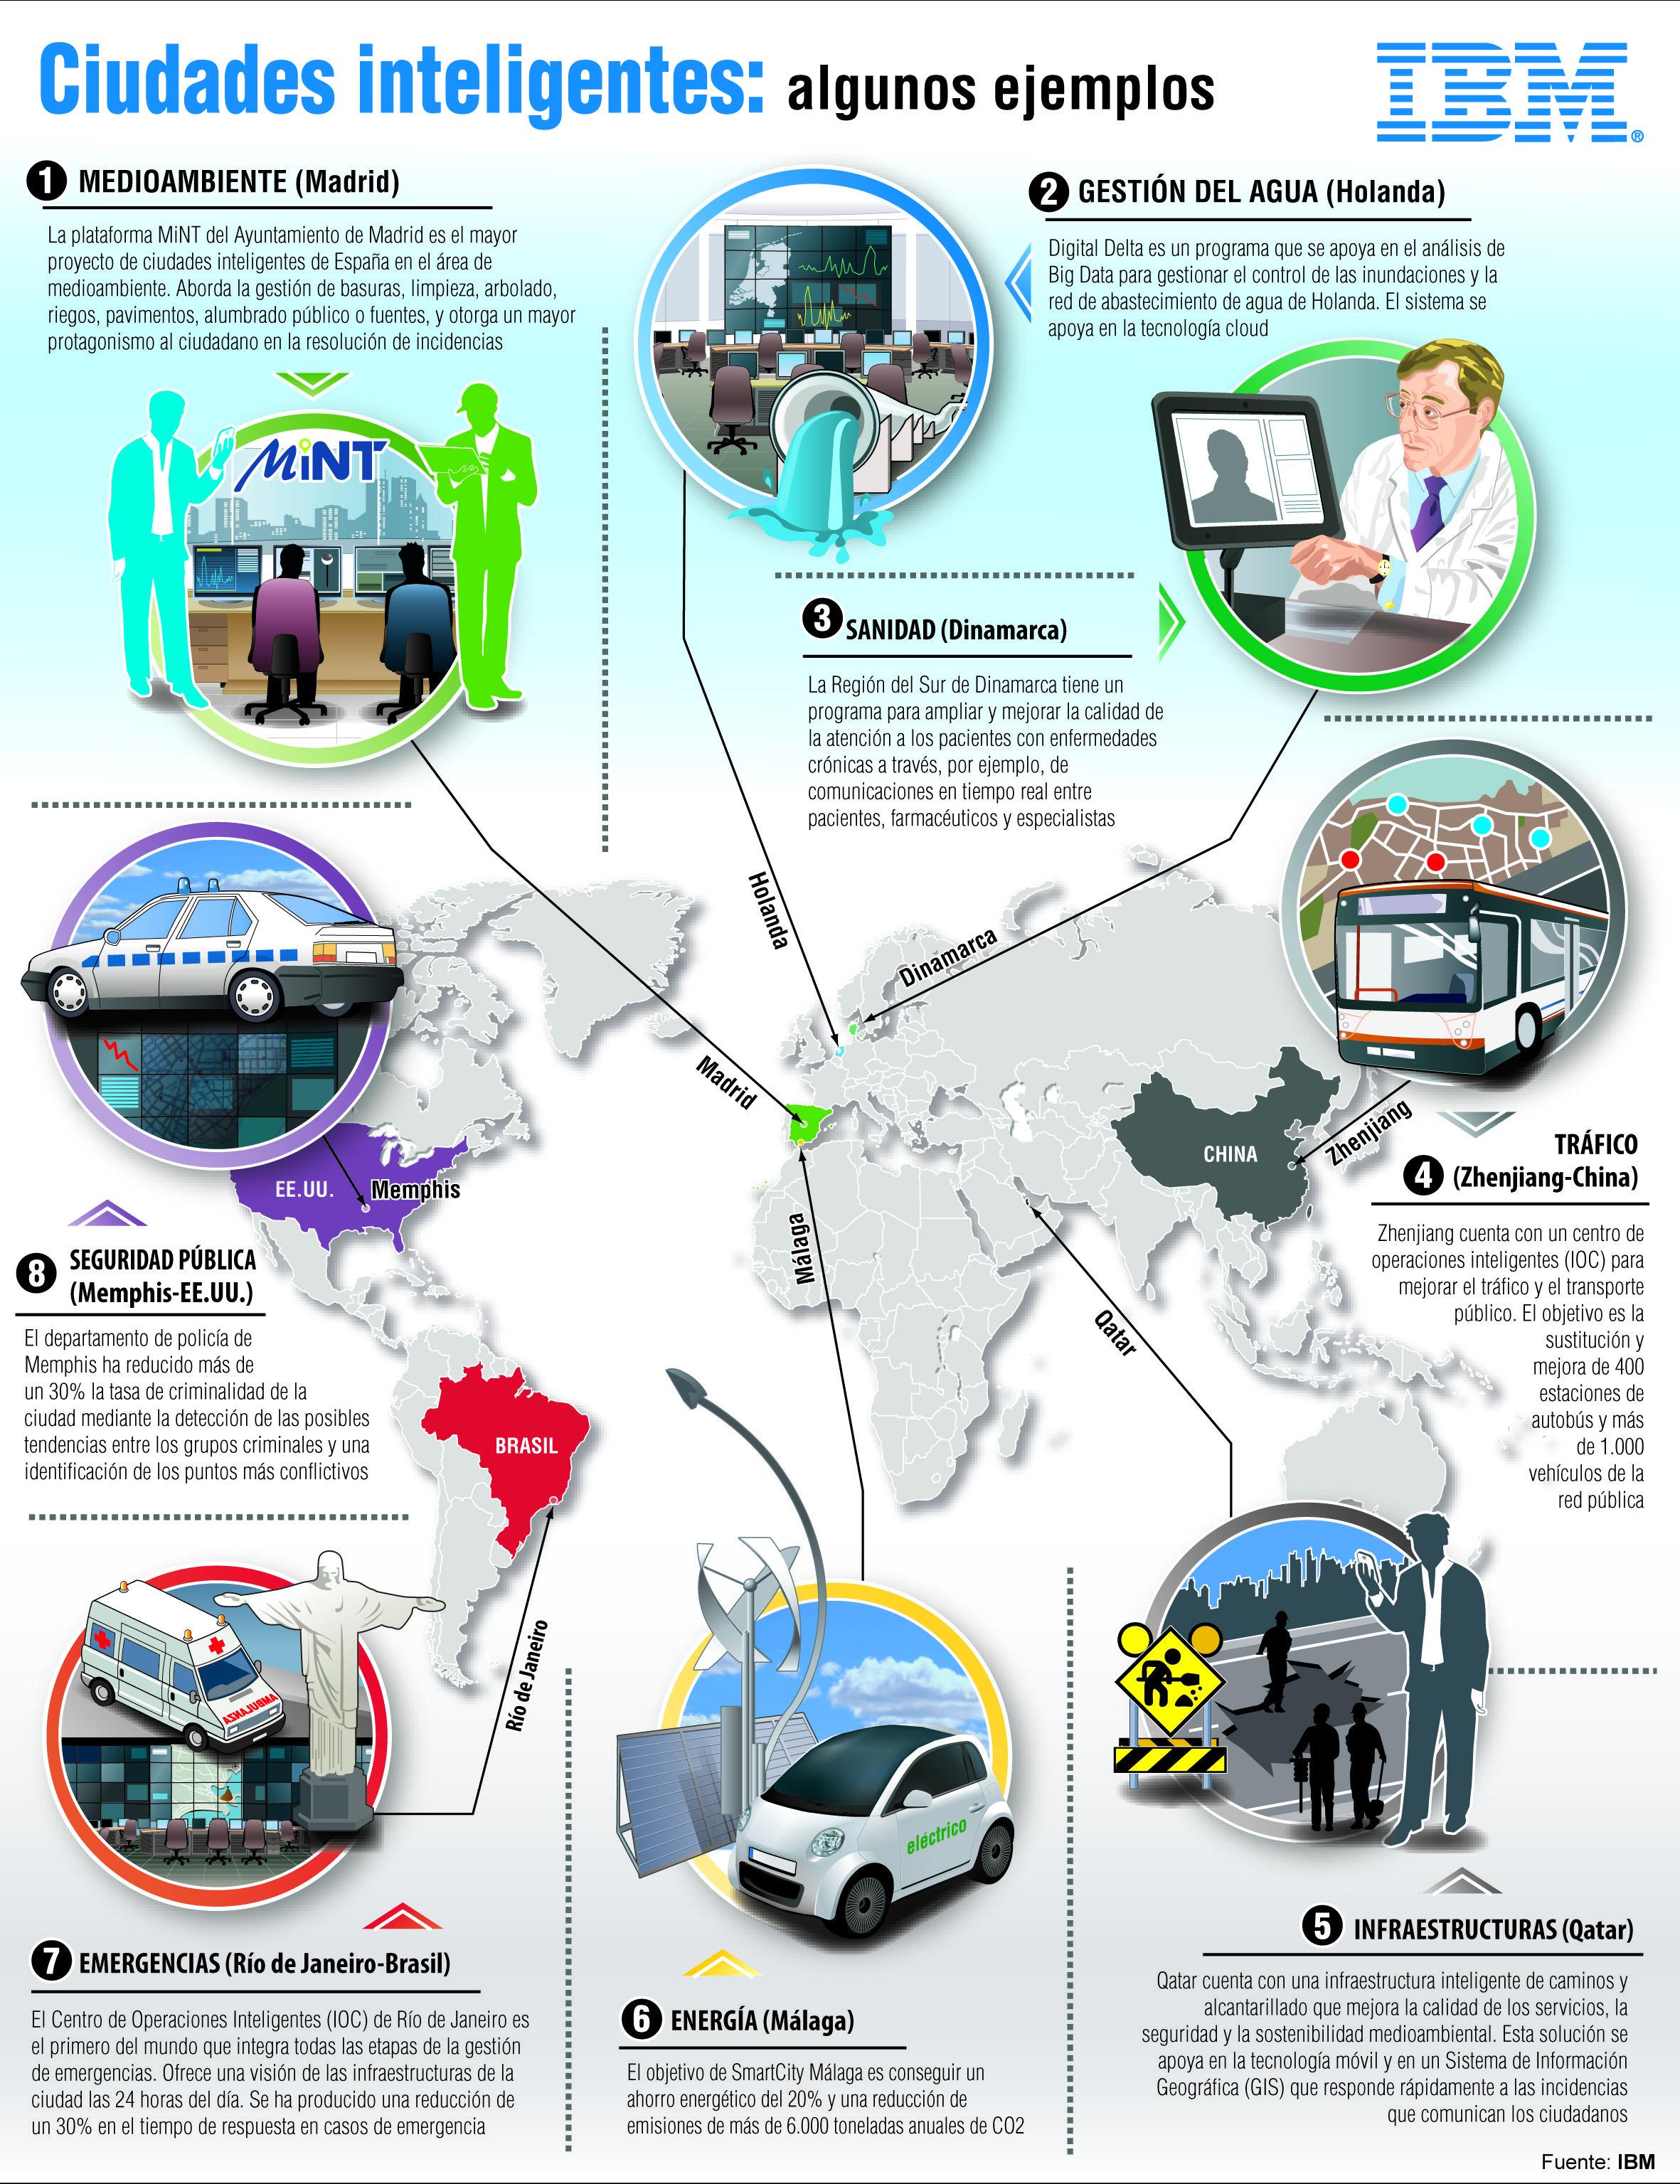 Smart Cities Algunos Ejemplos Infografia Infographic Tech Smart Cities Ciudad Inteligente Infografia Y Ciudades